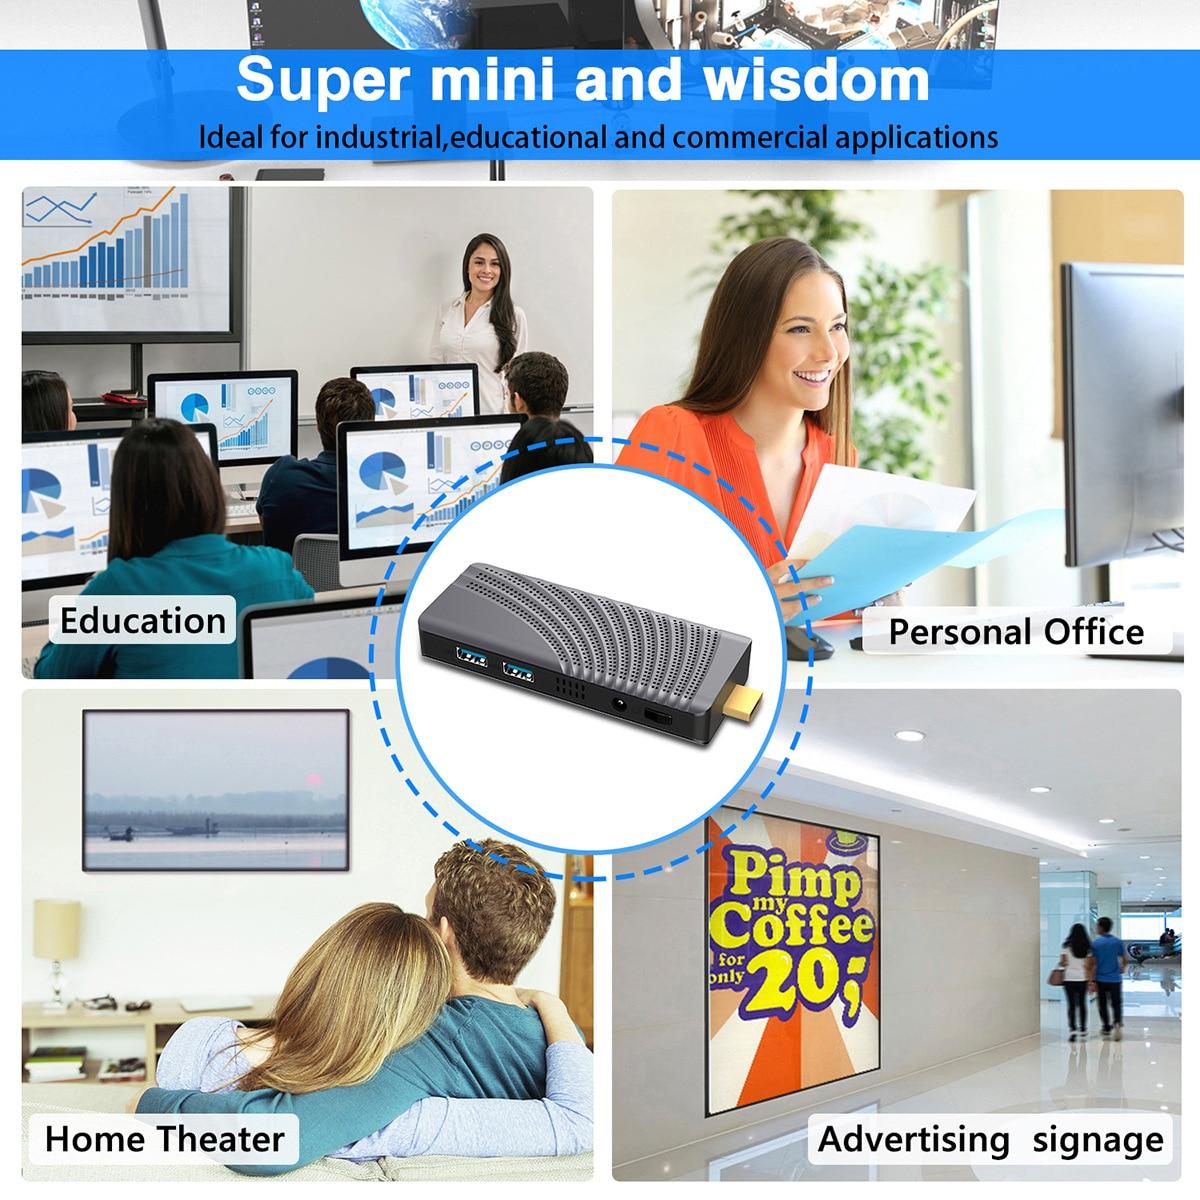 T6 برو جيب الكمبيوتر عصا المحمولة منخفضة الطاقة الكمبيوتر عصا windows10 2gb 4gb ram mini-pc